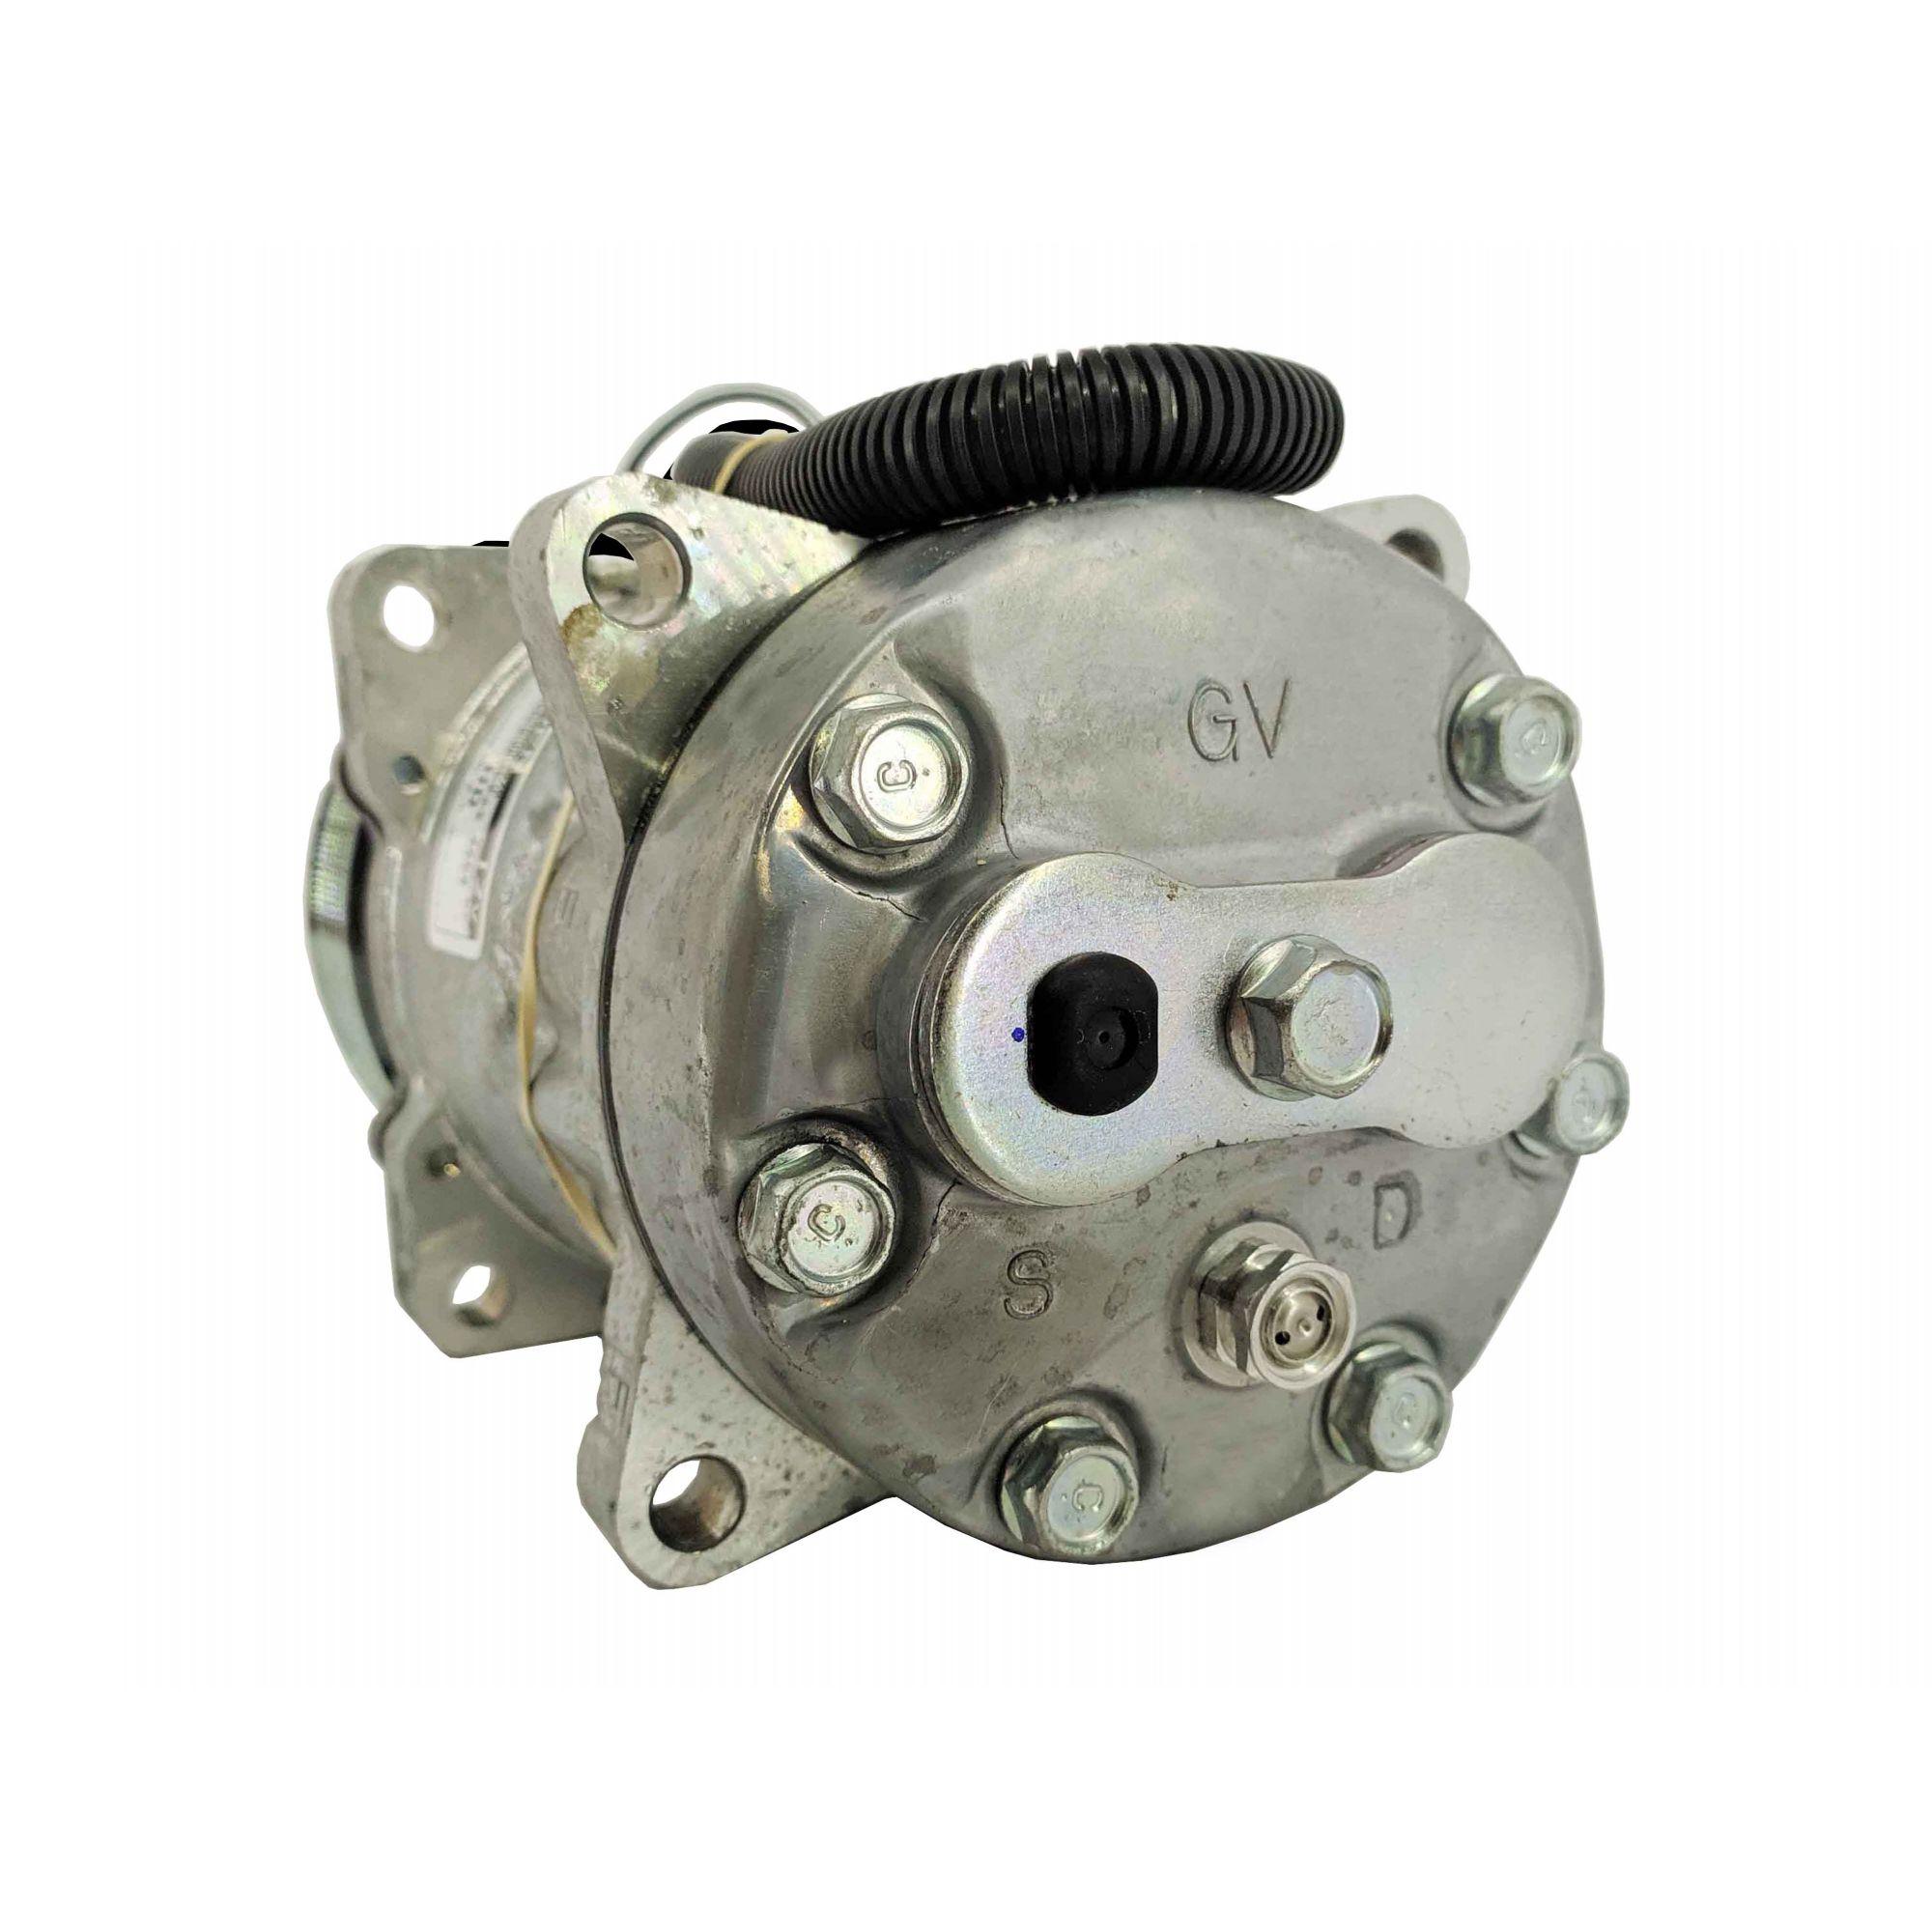 Compressor 7h15 8PK saída traseira 8 orelhas - Original SANDEN